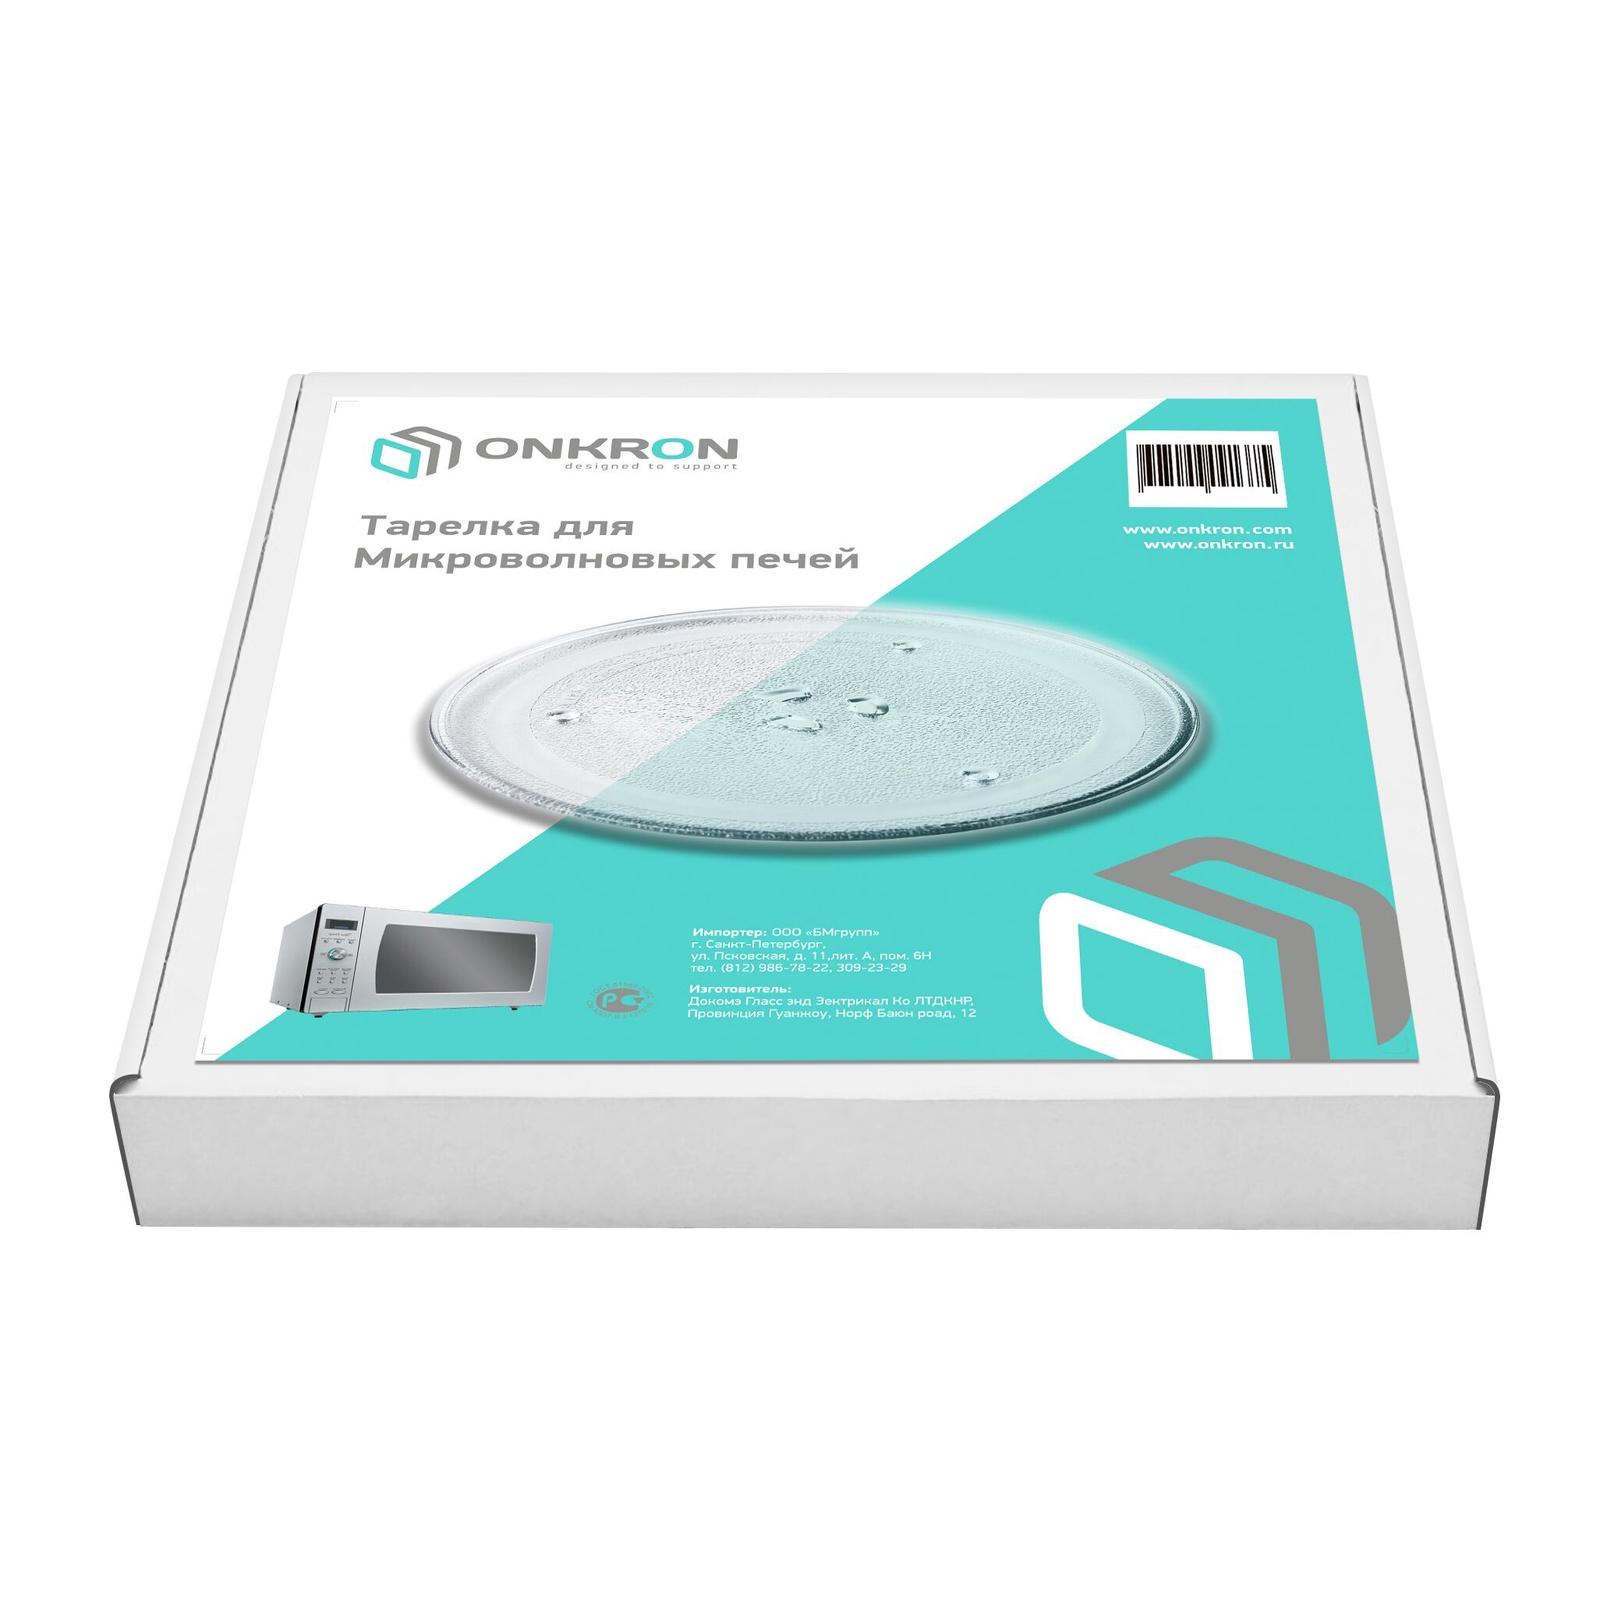 ONKRONтарелка для микроволновой печи (СВЧ печи) Samsung (288 мм, с куплером), прозрачная DE74-20102 ONKRON